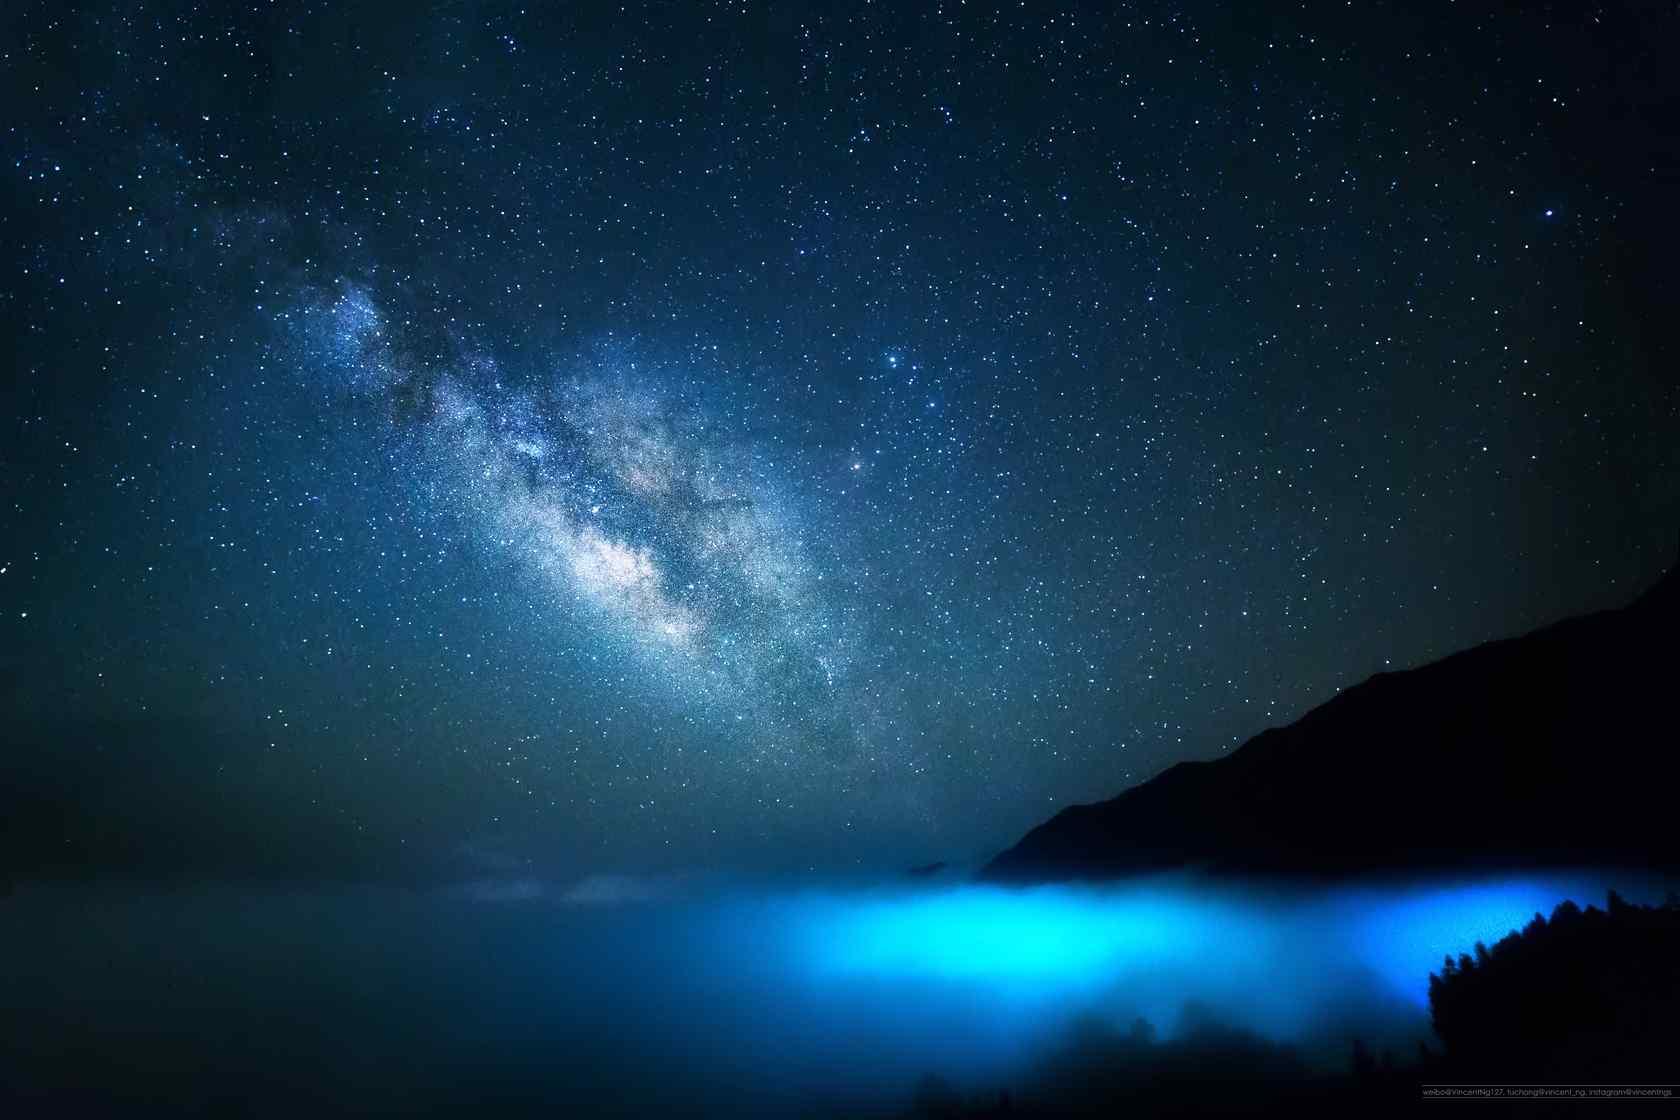 夜晚星空高清桌面壁纸